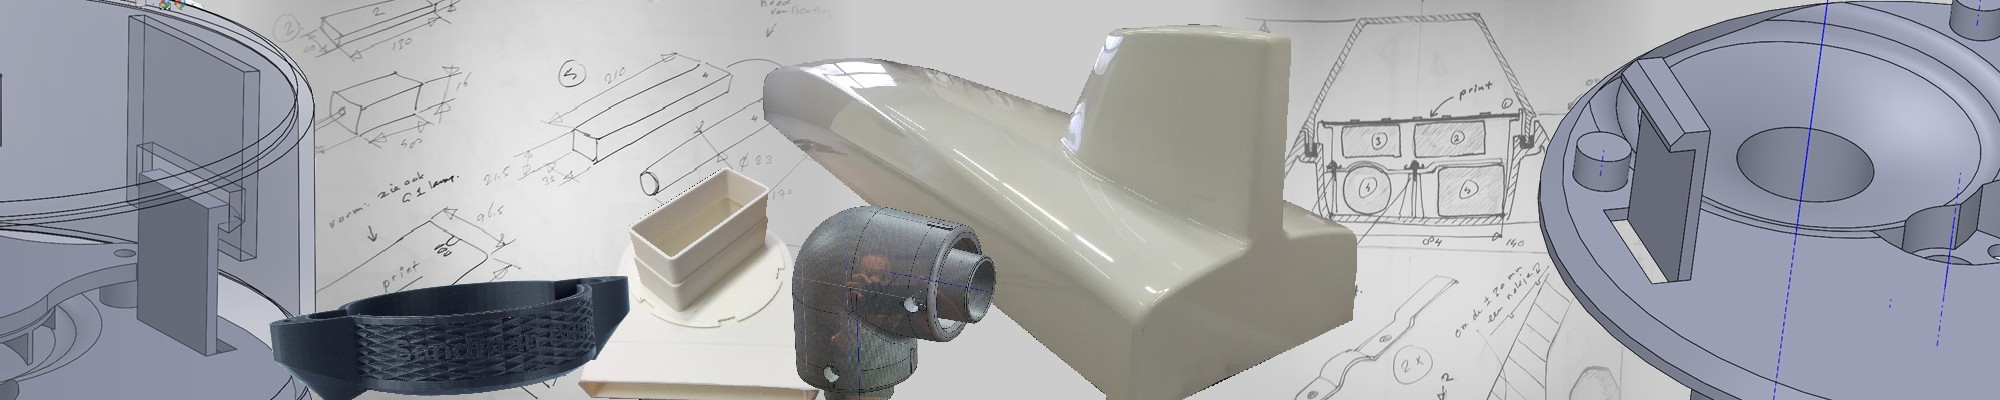 JVS-3D